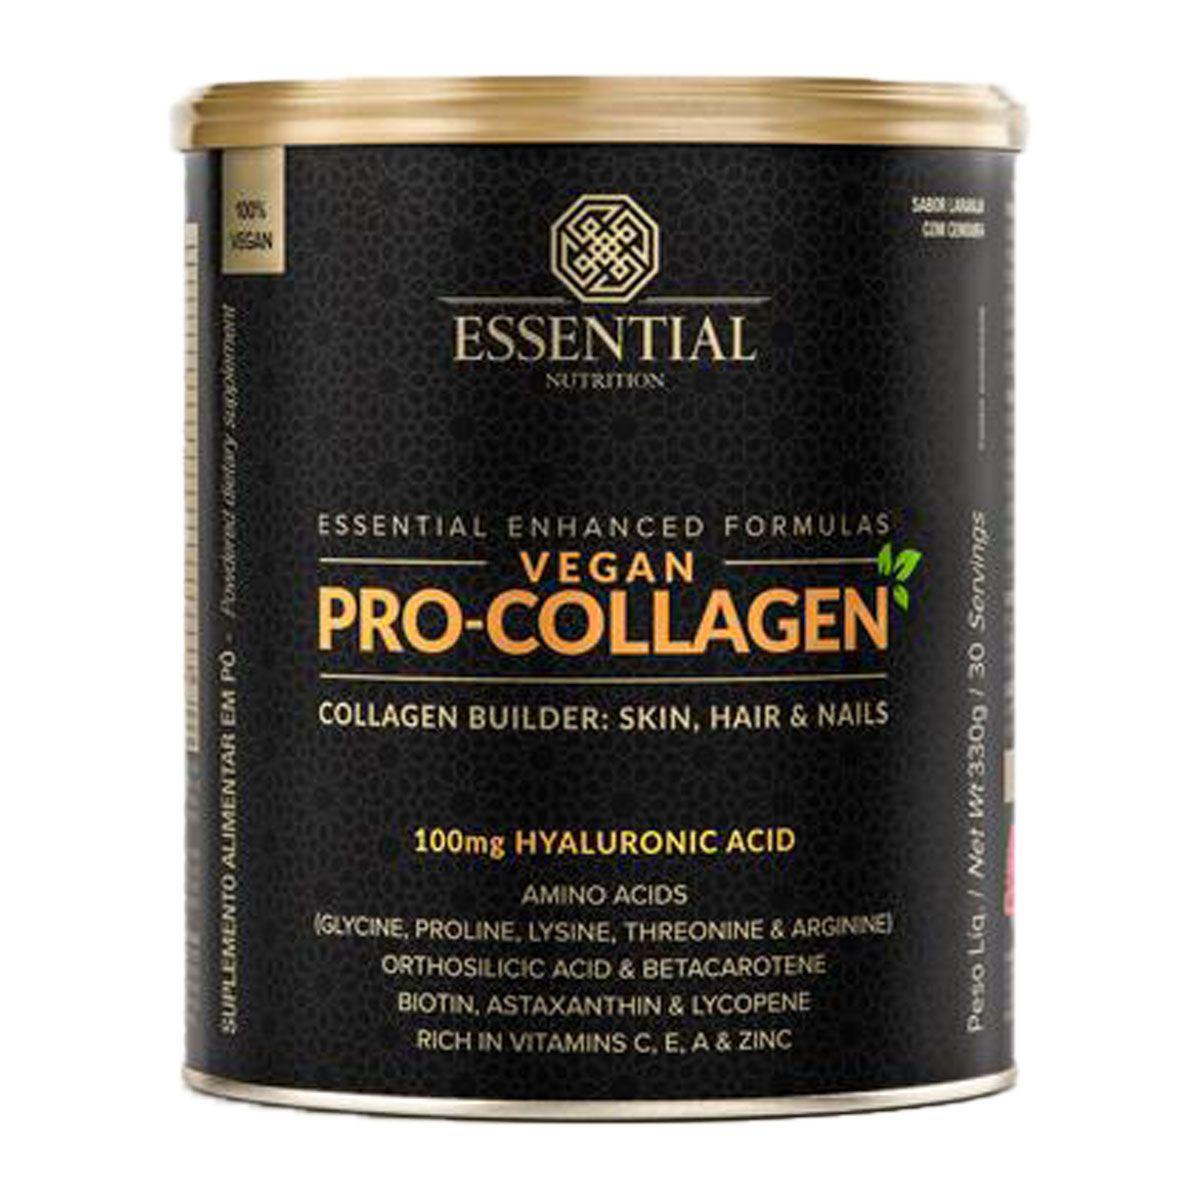 Vegan Pro-Collagen 330g - Essential Nutrition